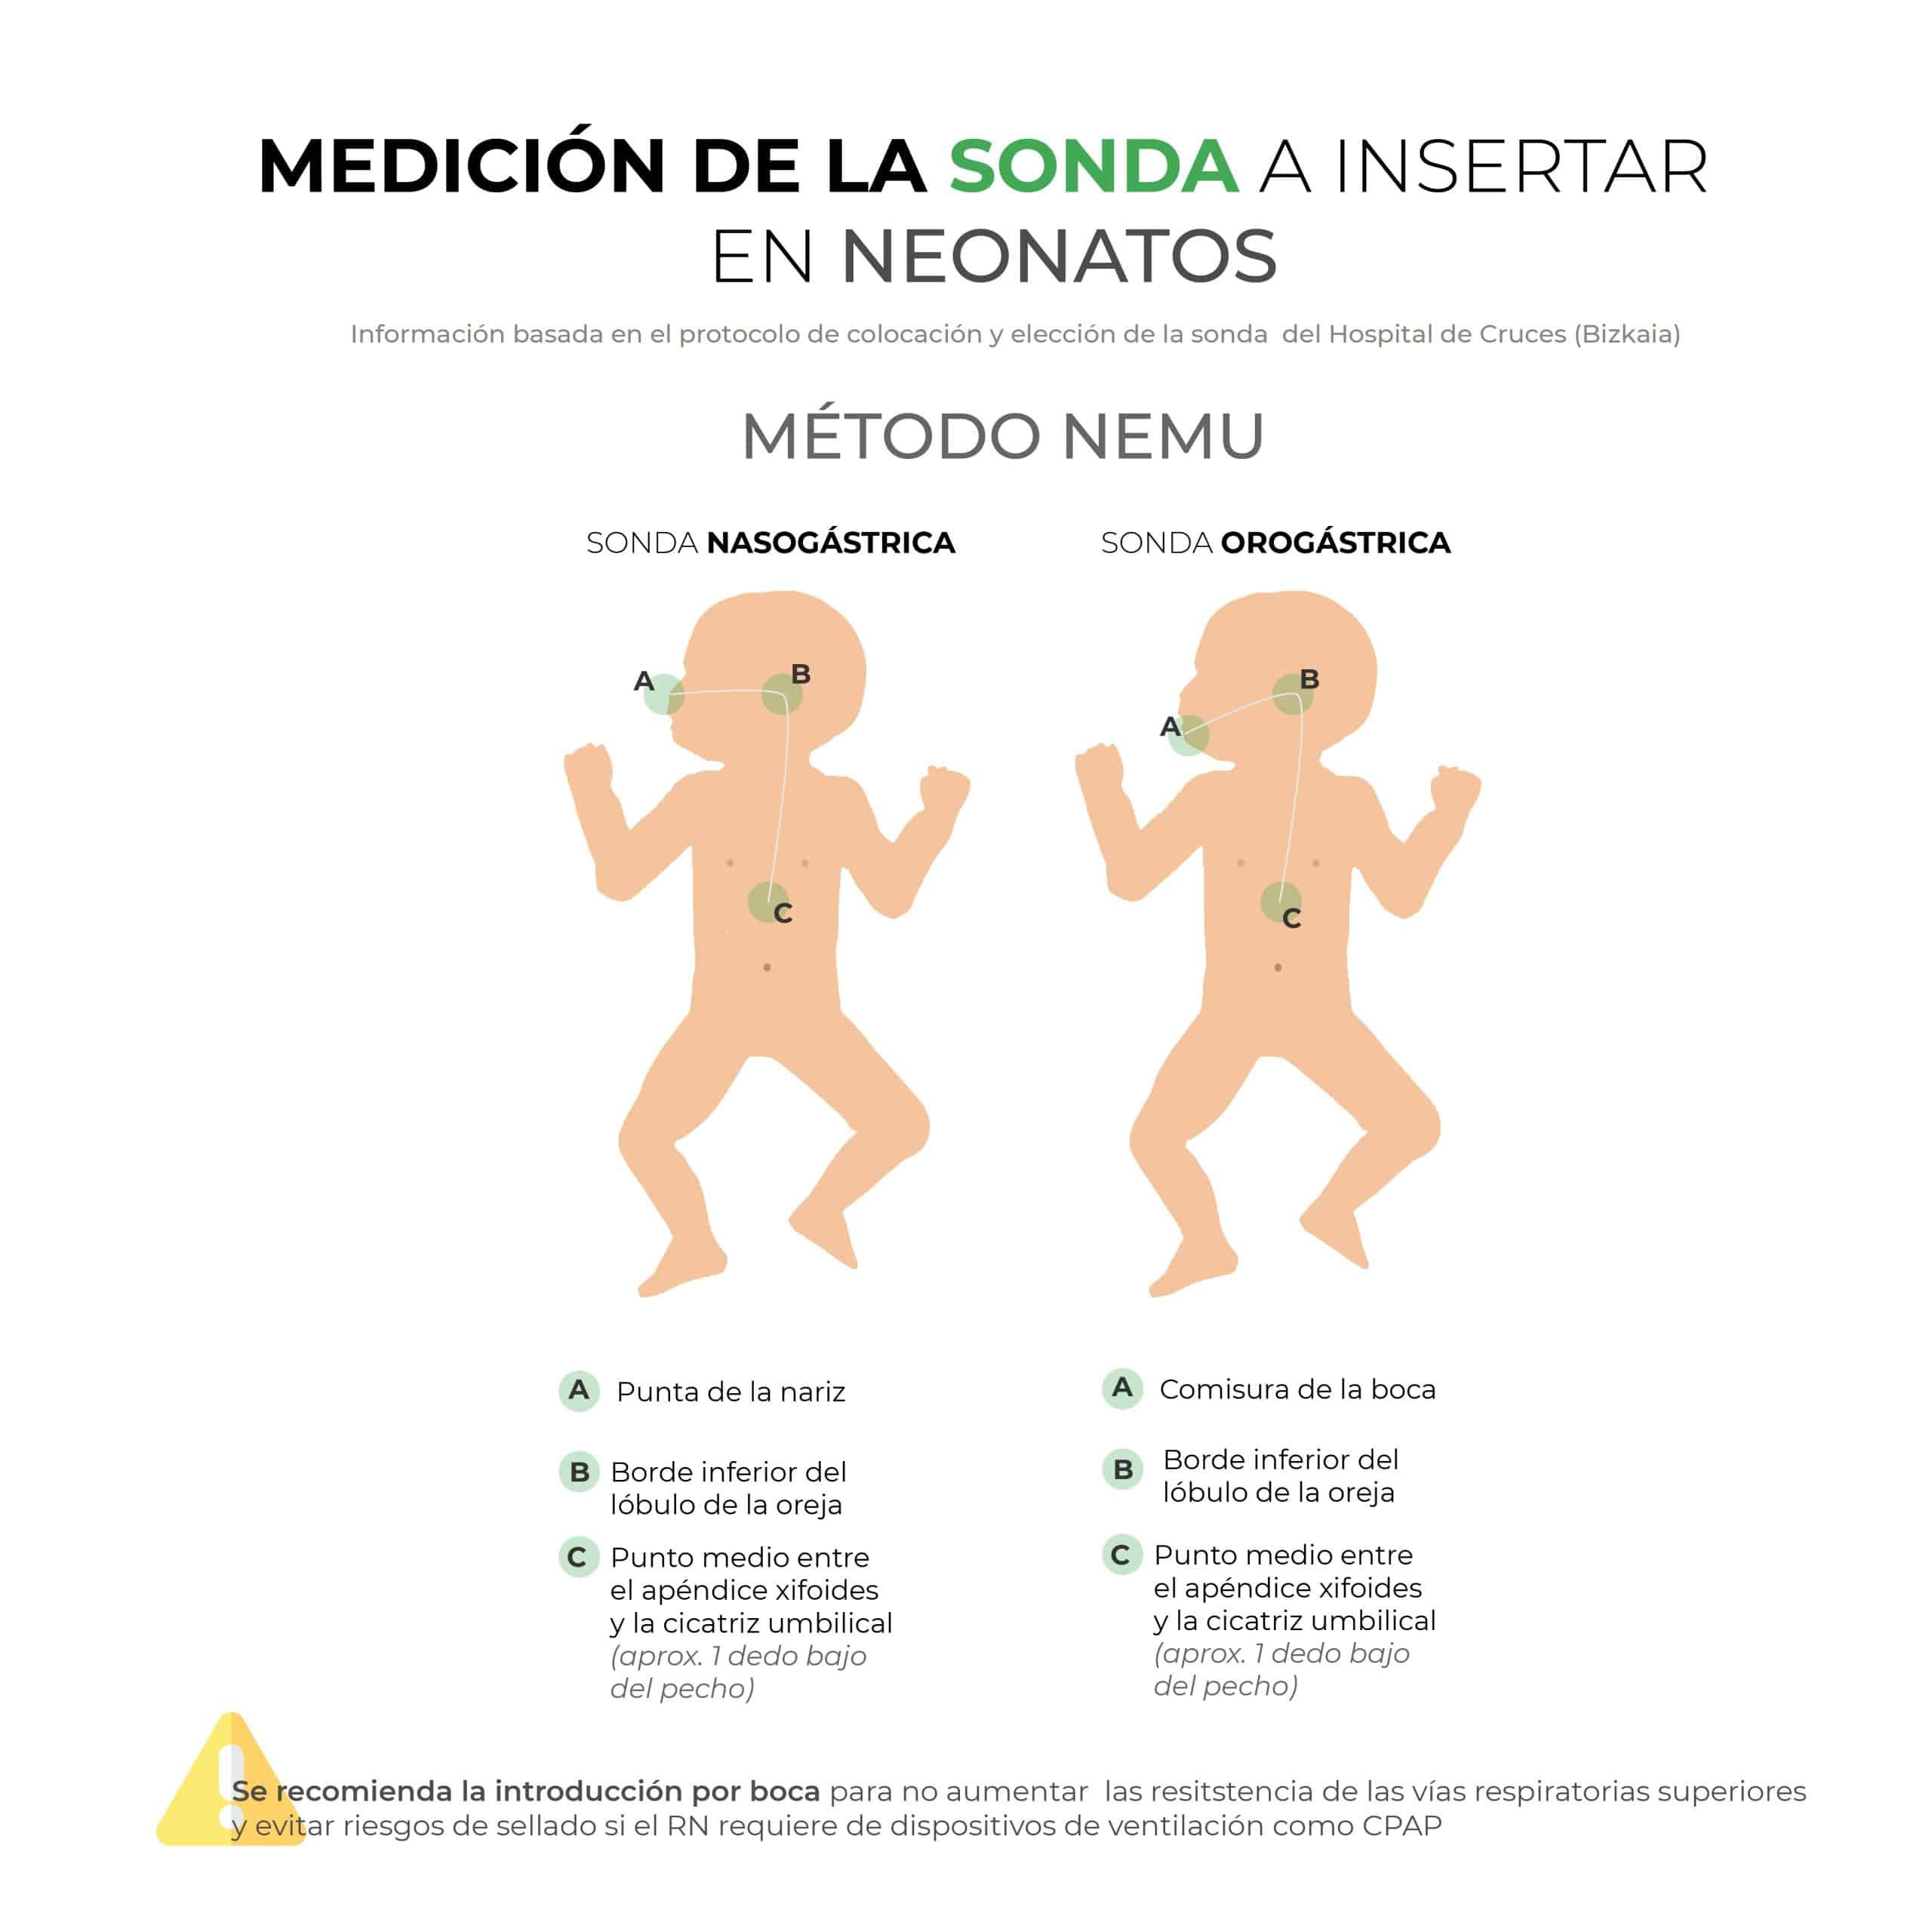 Medición de la sonda a insertar en neonatos: método NEMU